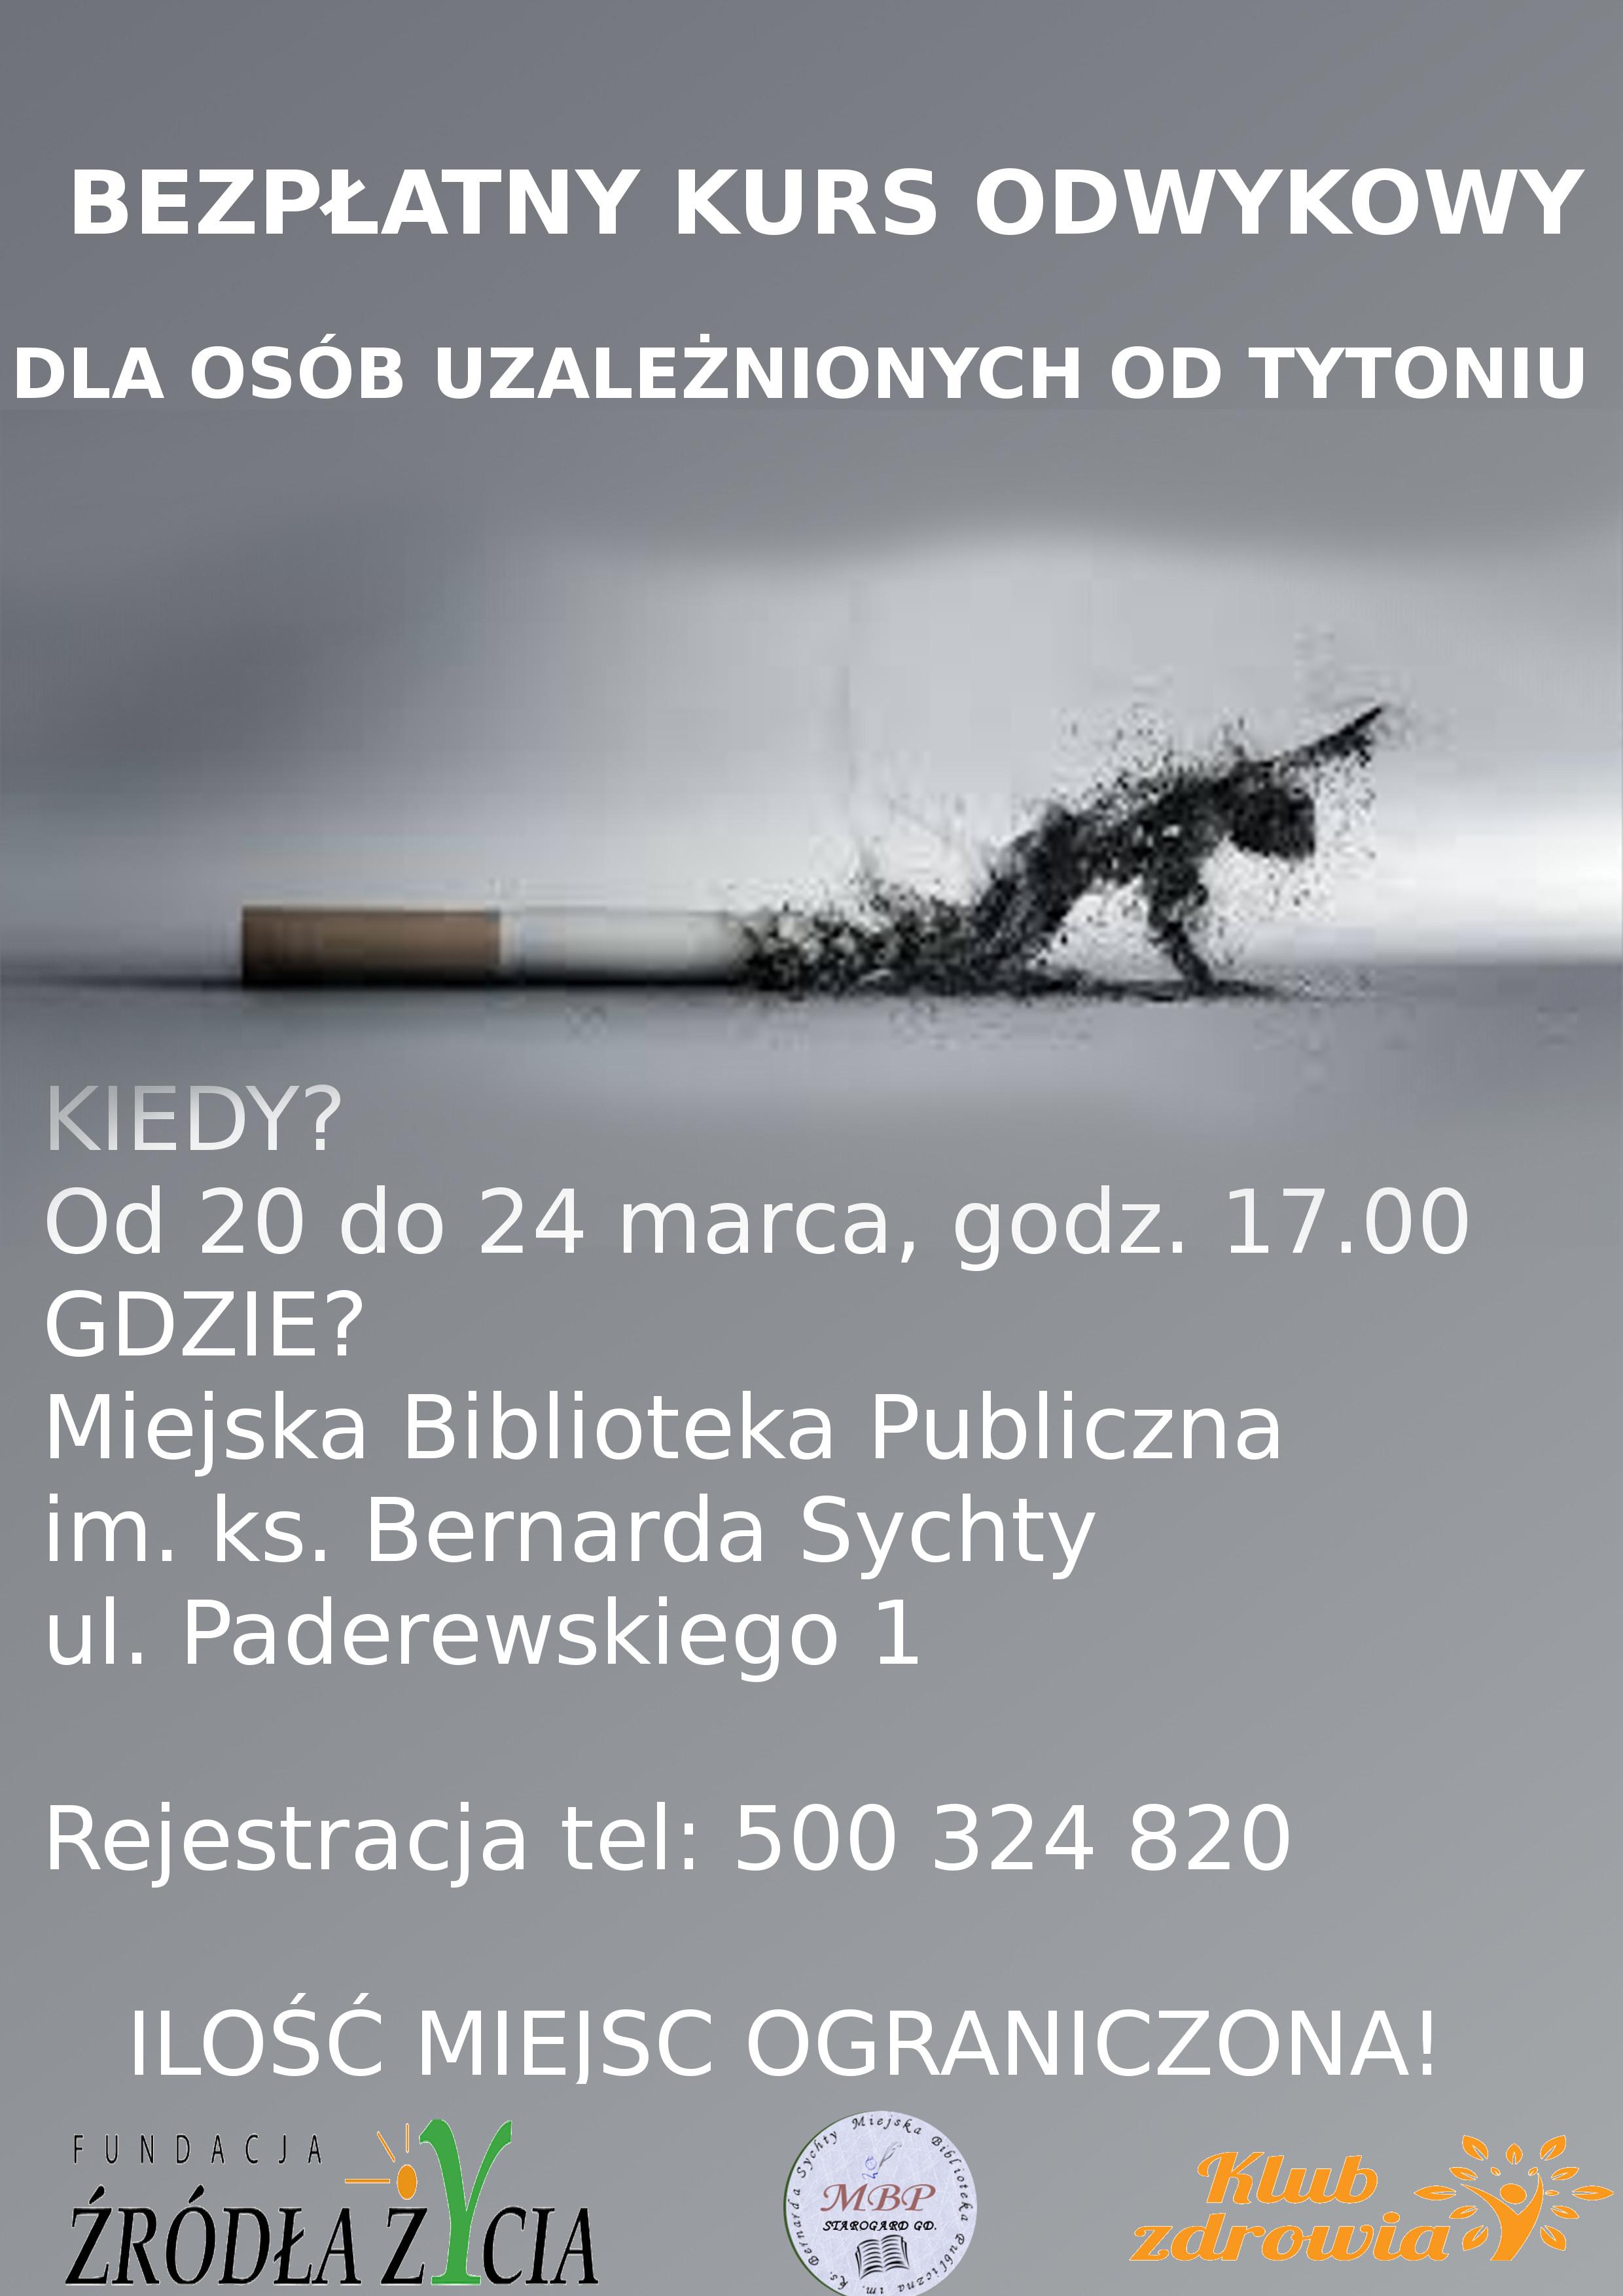 Bezpłatny kurs odwykowy dla osób uzależnionych od tytoniu